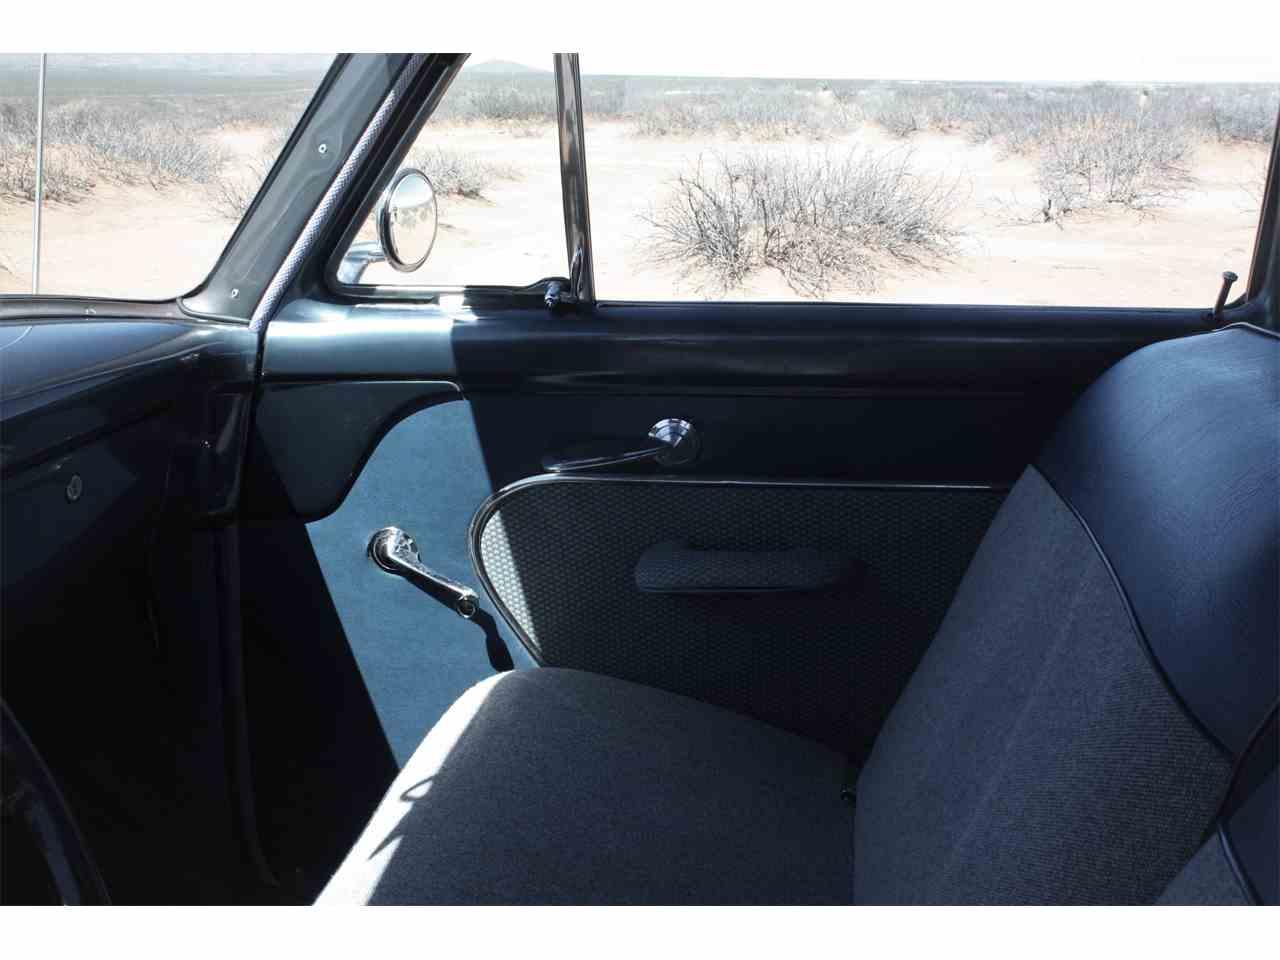 Fein 1954 Ford Customline Schaltplan Bilder - Elektrische Schaltplan ...